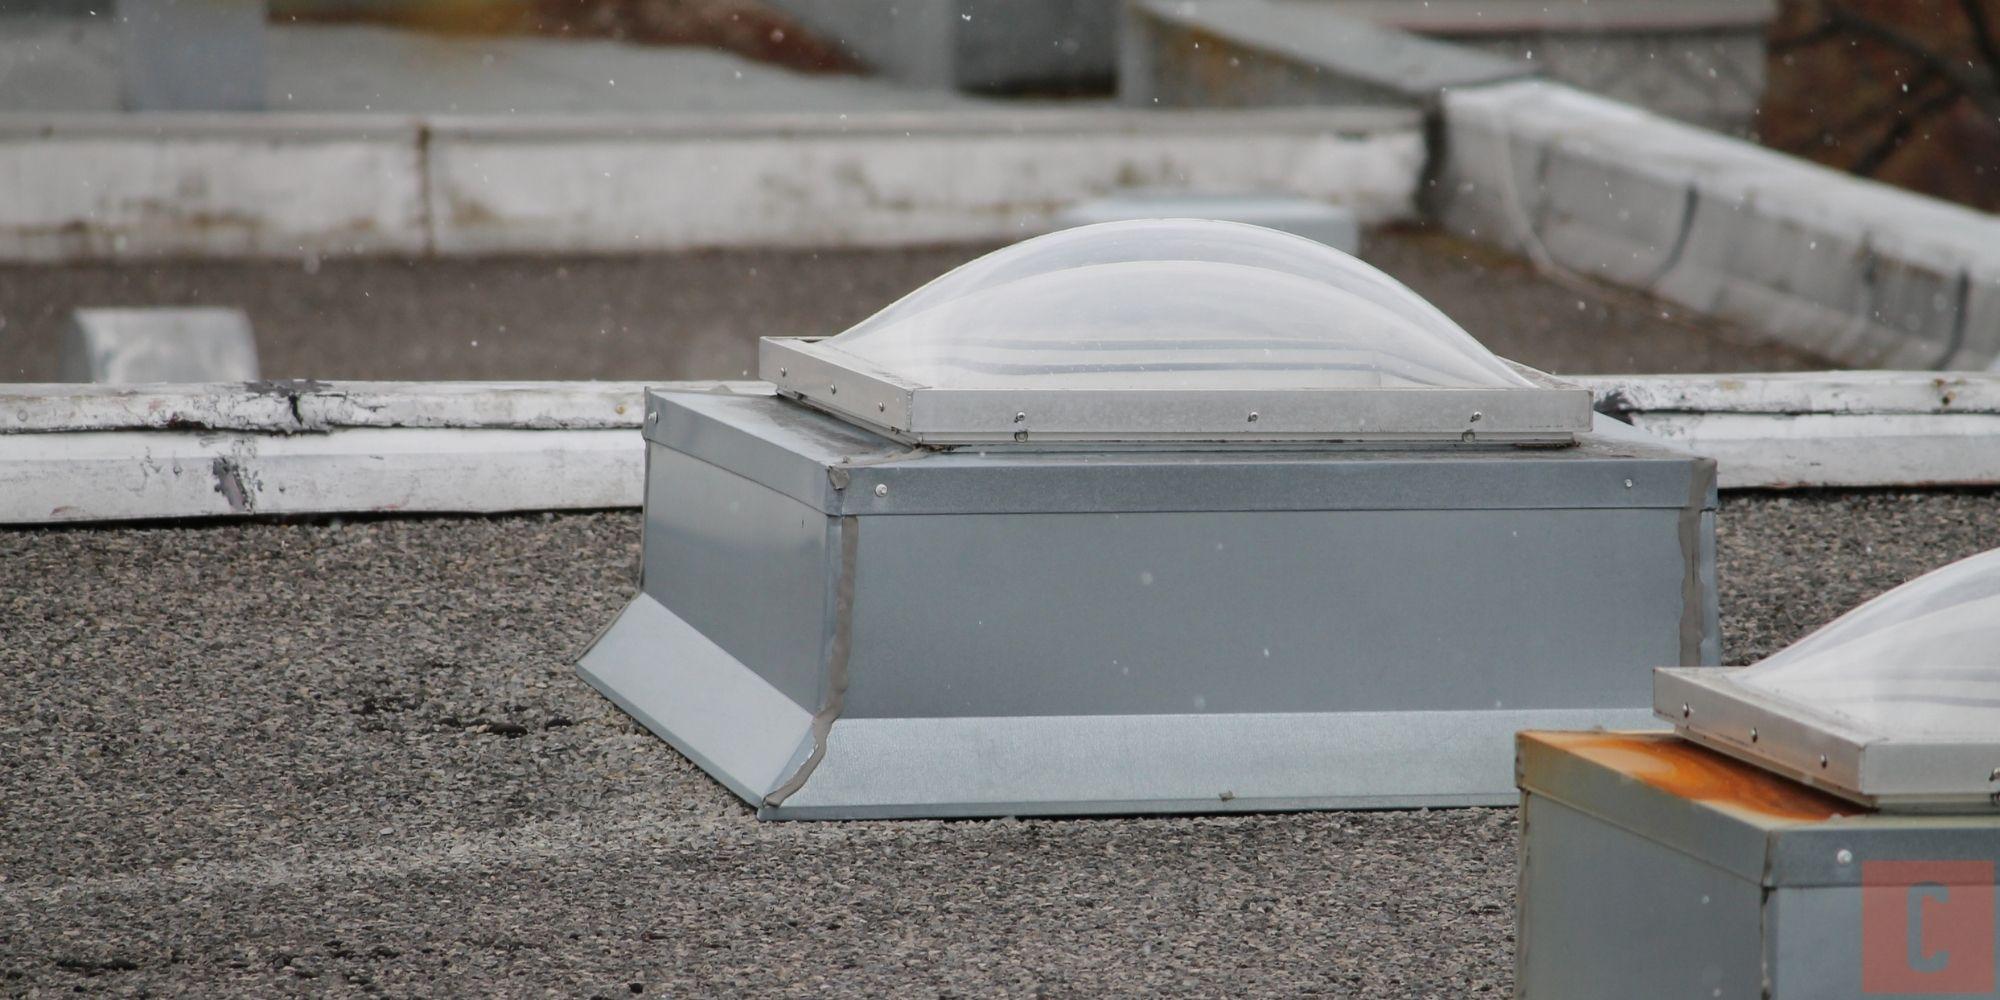 Inspection de puits de lumière sur un toit plat